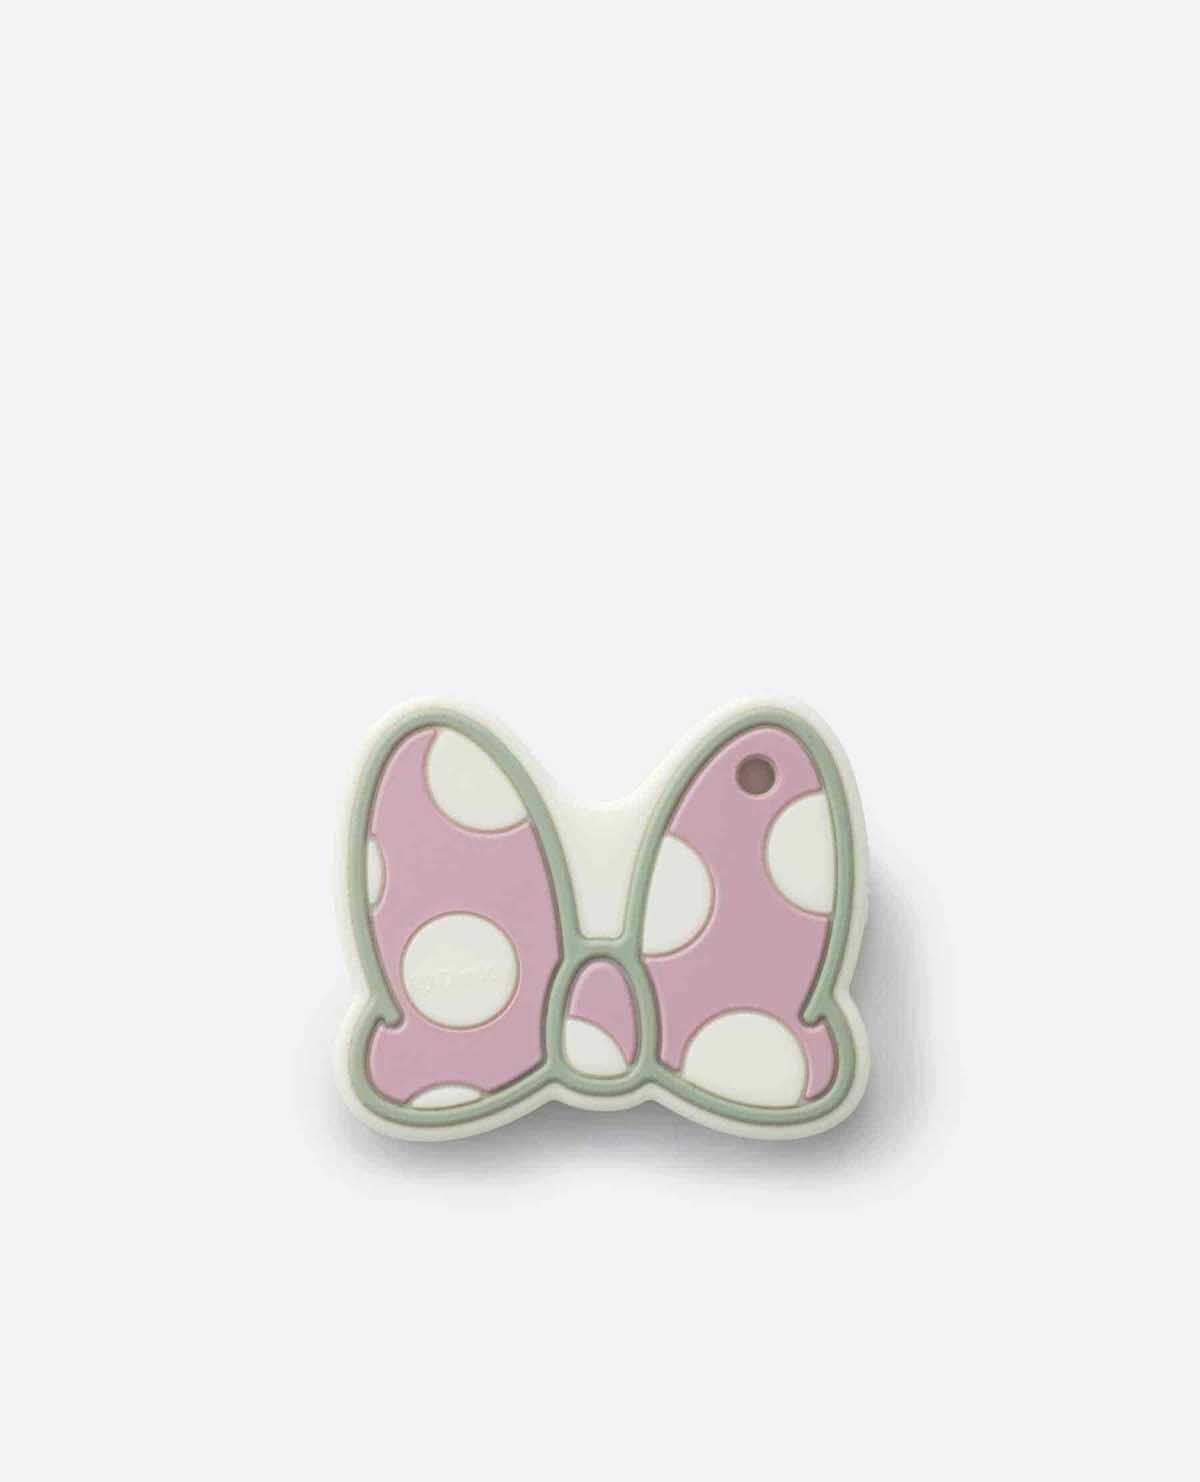 歯固め はがため ミニー マウス リボン ディズニー シリコン